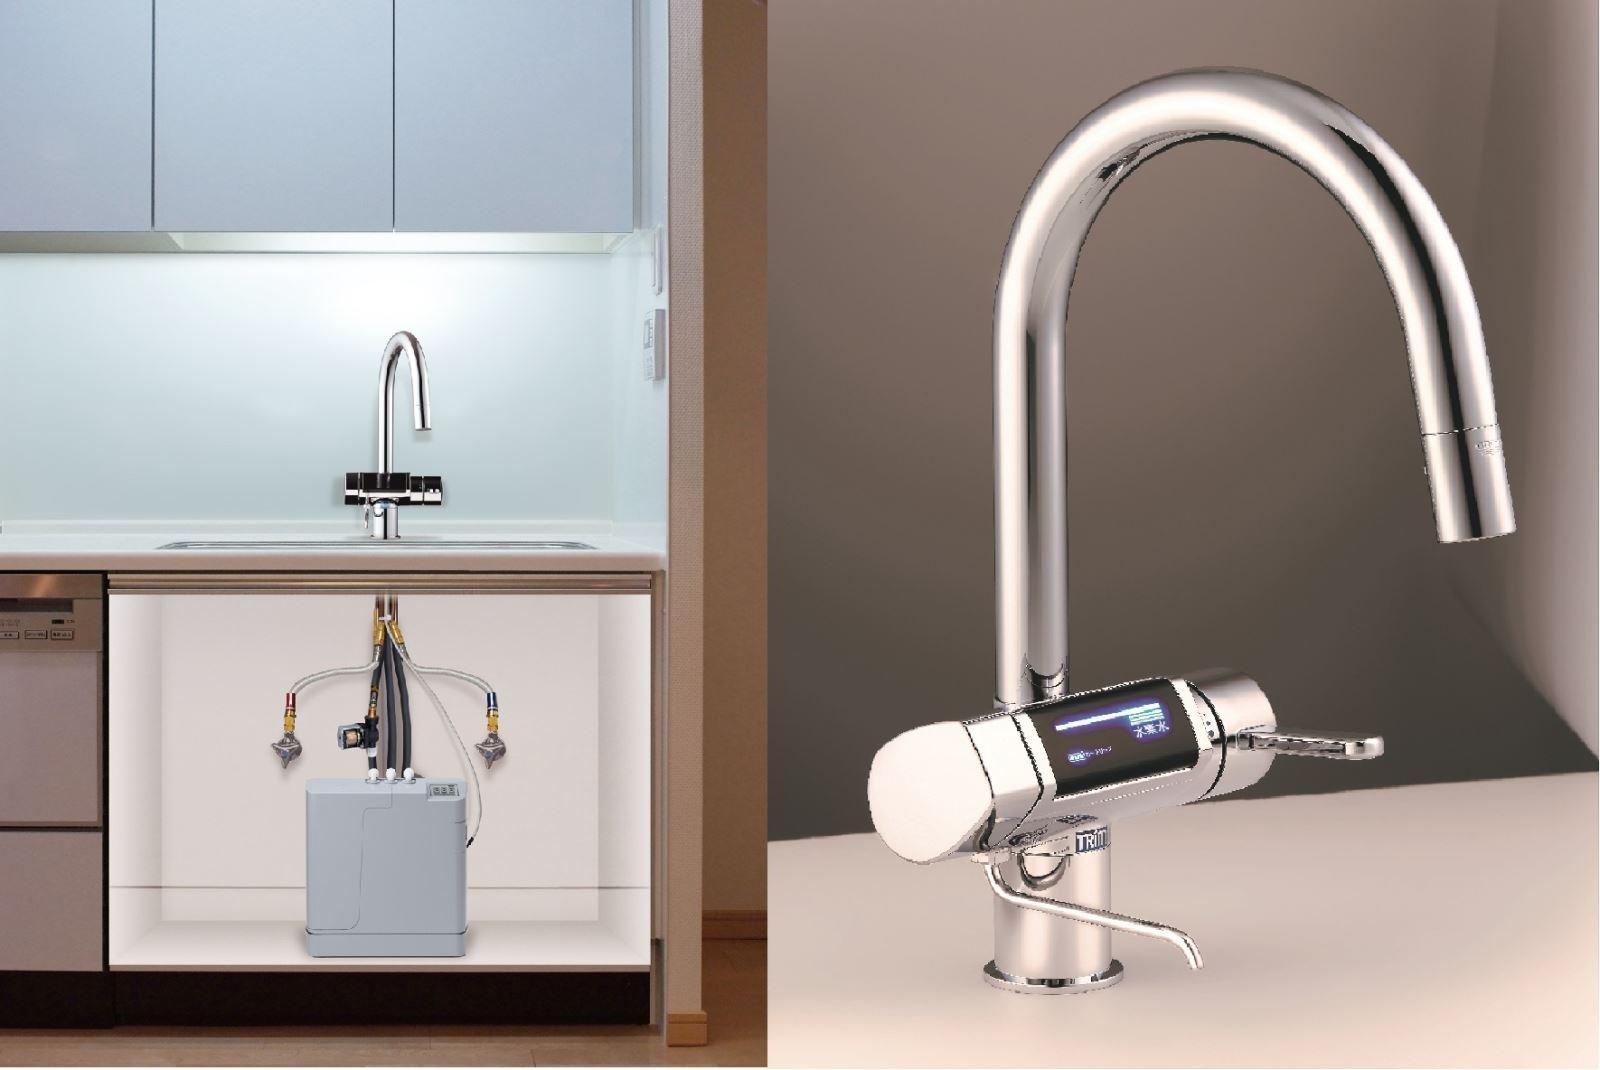 Gia đình bạn đã sử dụng máy lọc nước chuẩn chưa? thumbnail